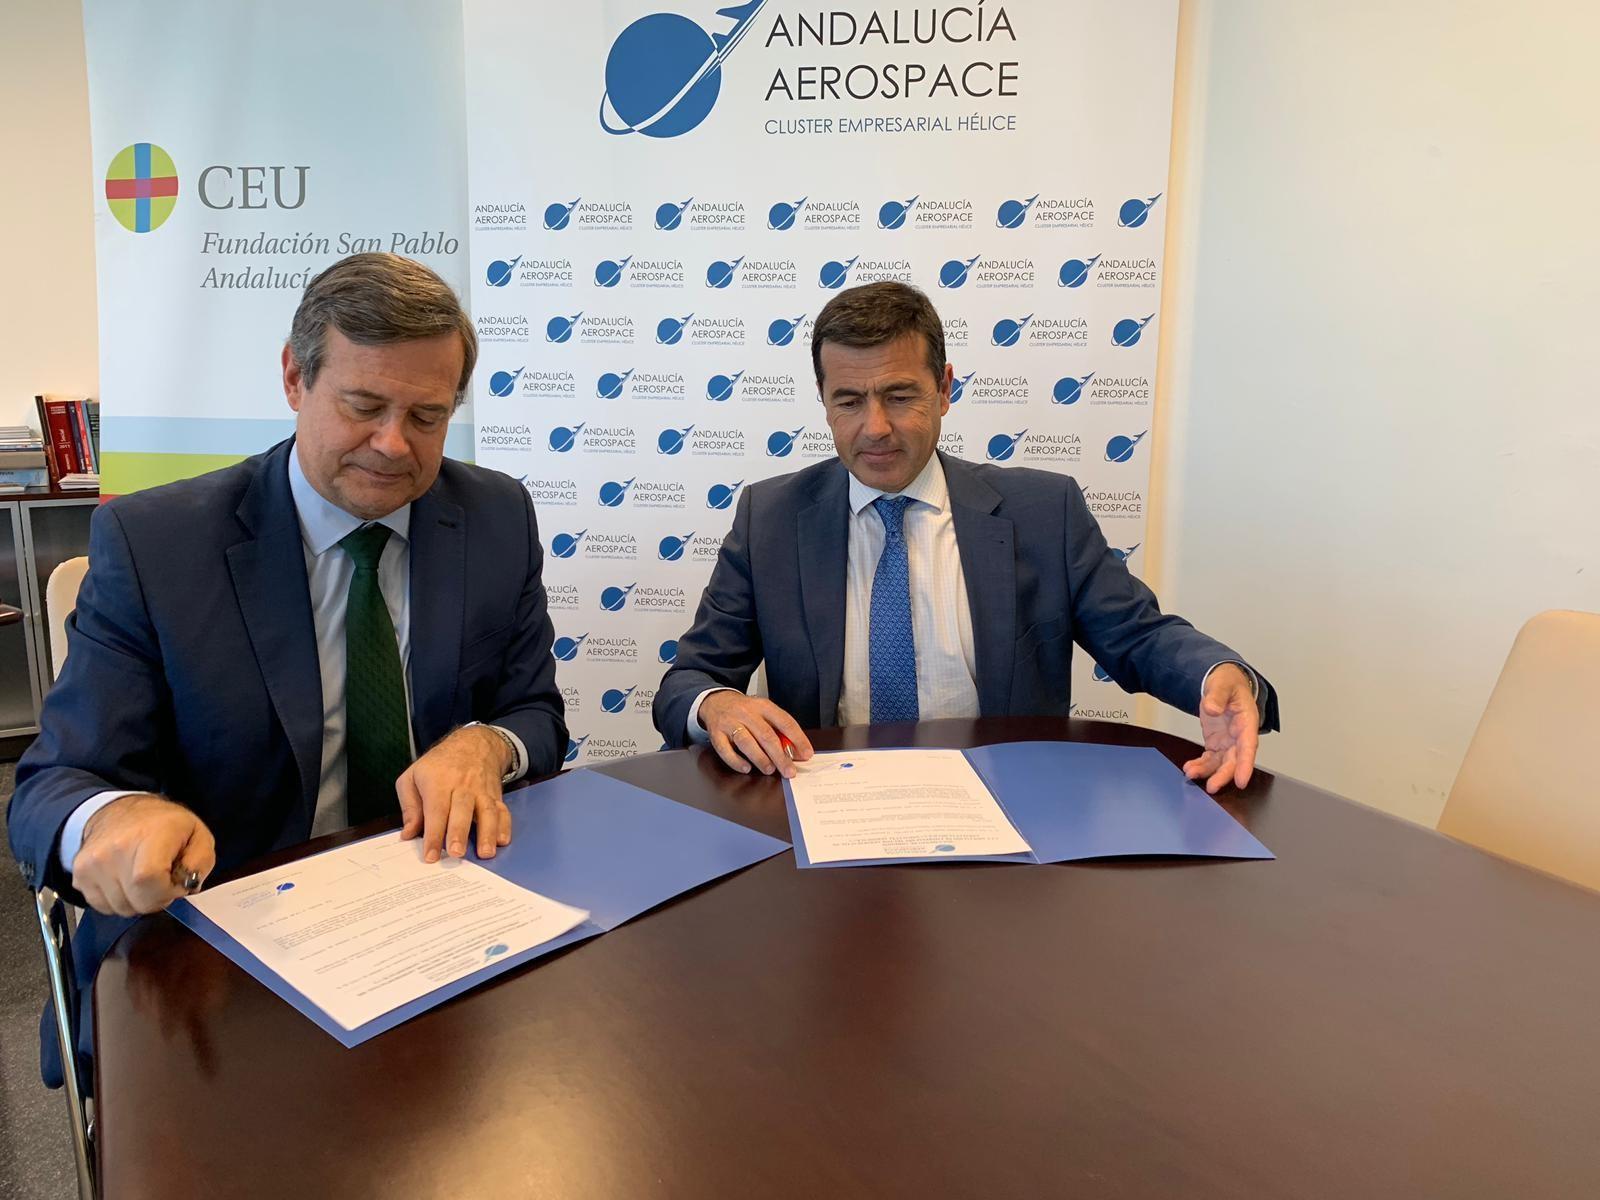 convenio_andalucia_aerospace_3